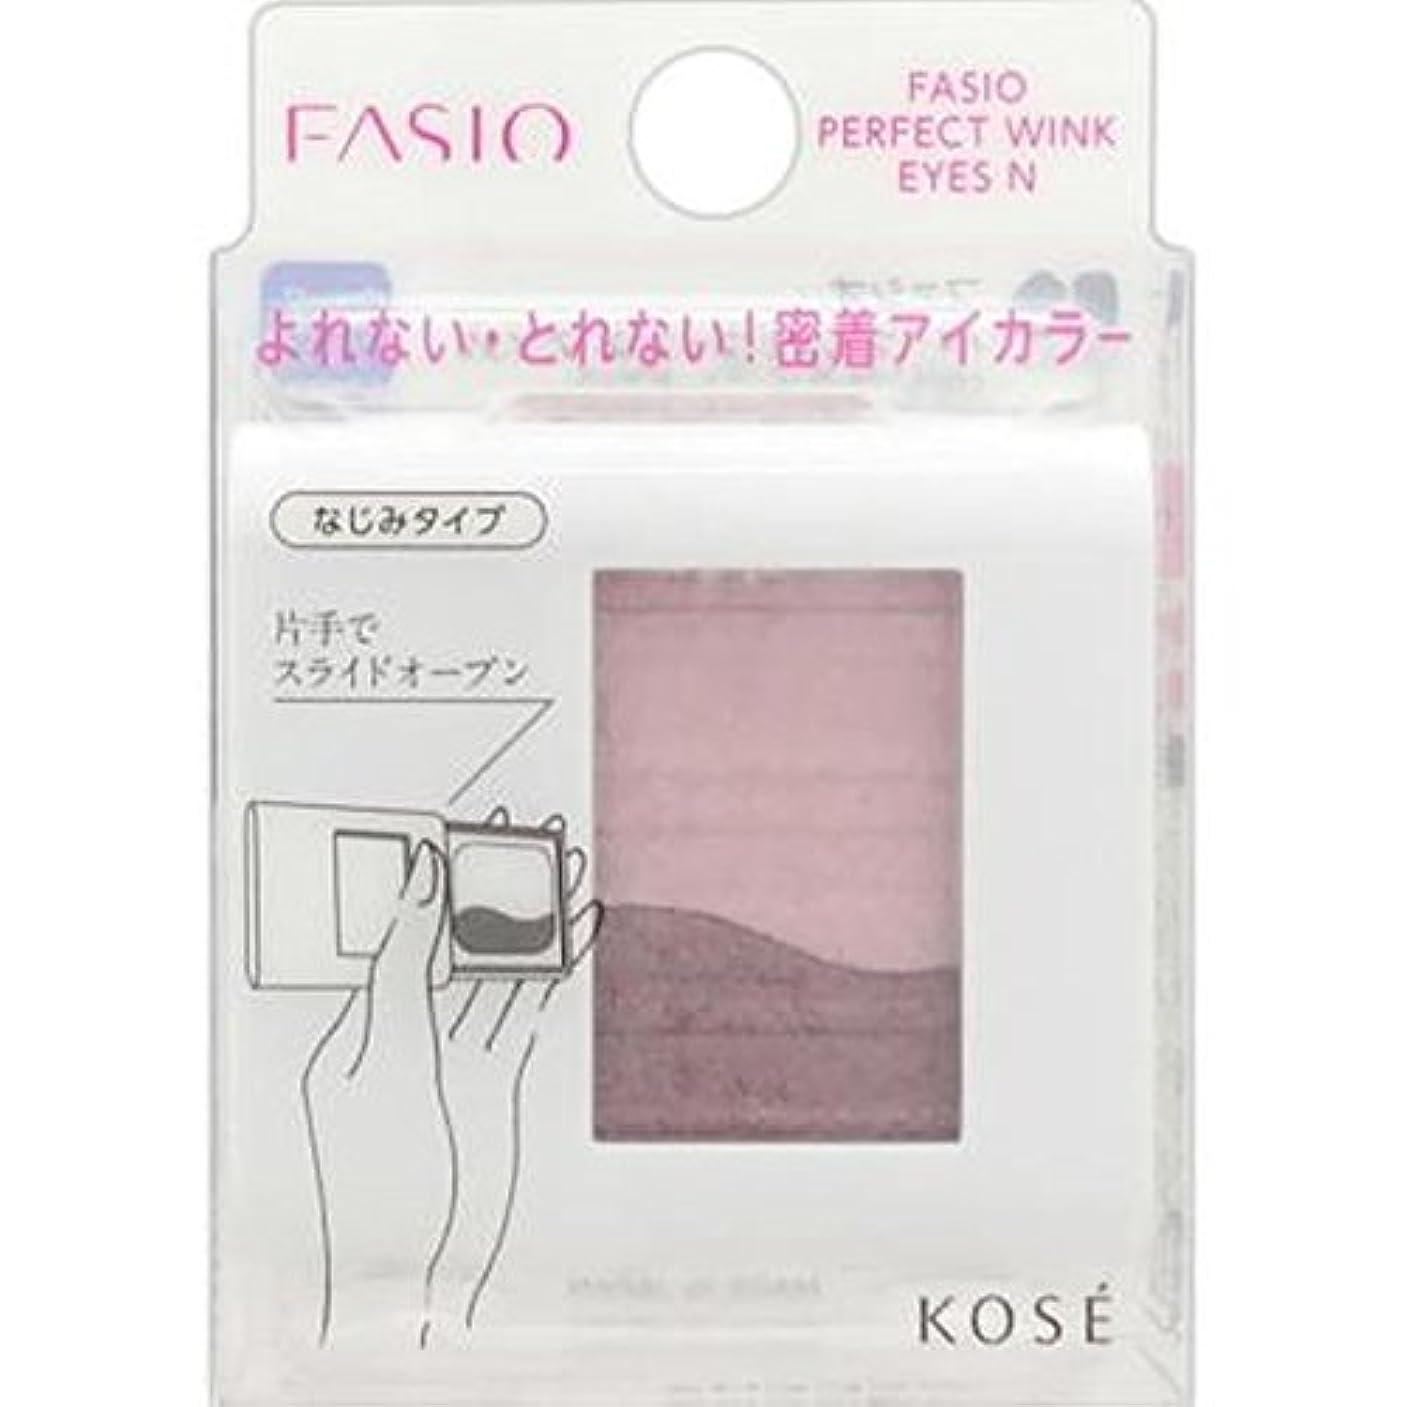 ファシオ パーフェクトウィンクアイズ N #005 1.7g